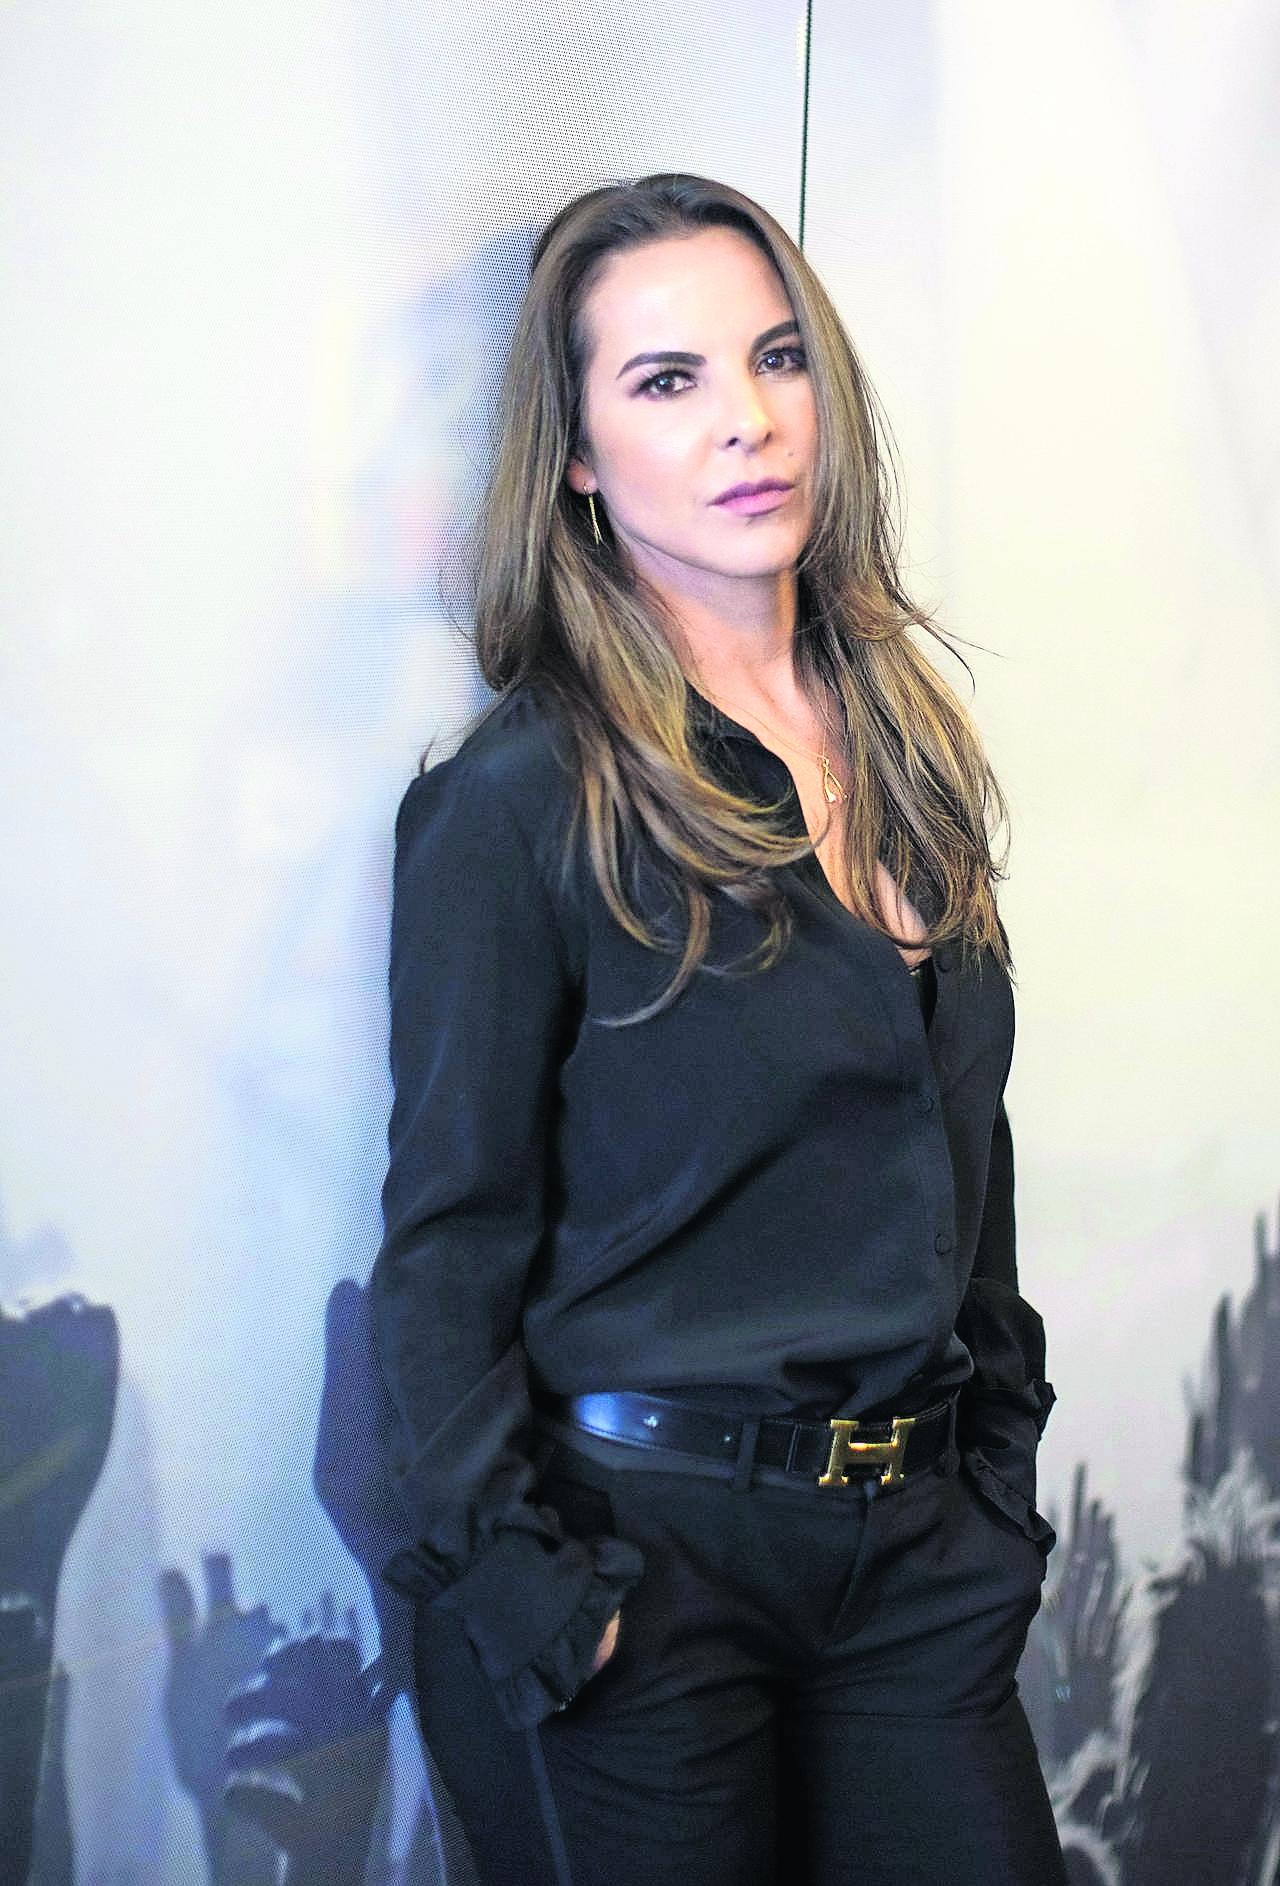 Periodista Kate del Castillo amor encabrita